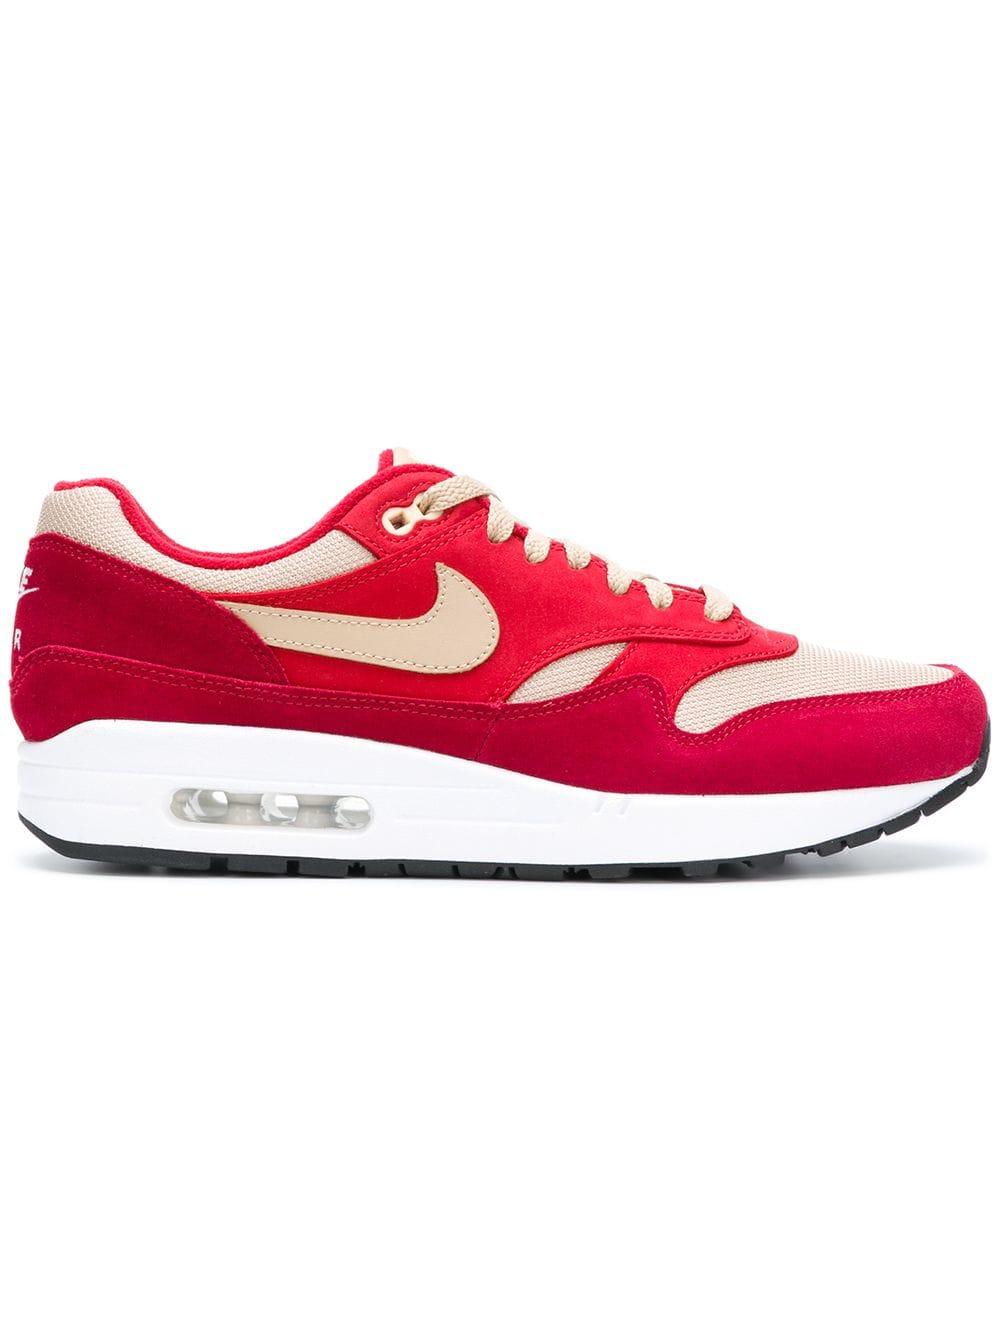 Nike Air Max 1 Premium Retro sneakers - Rood